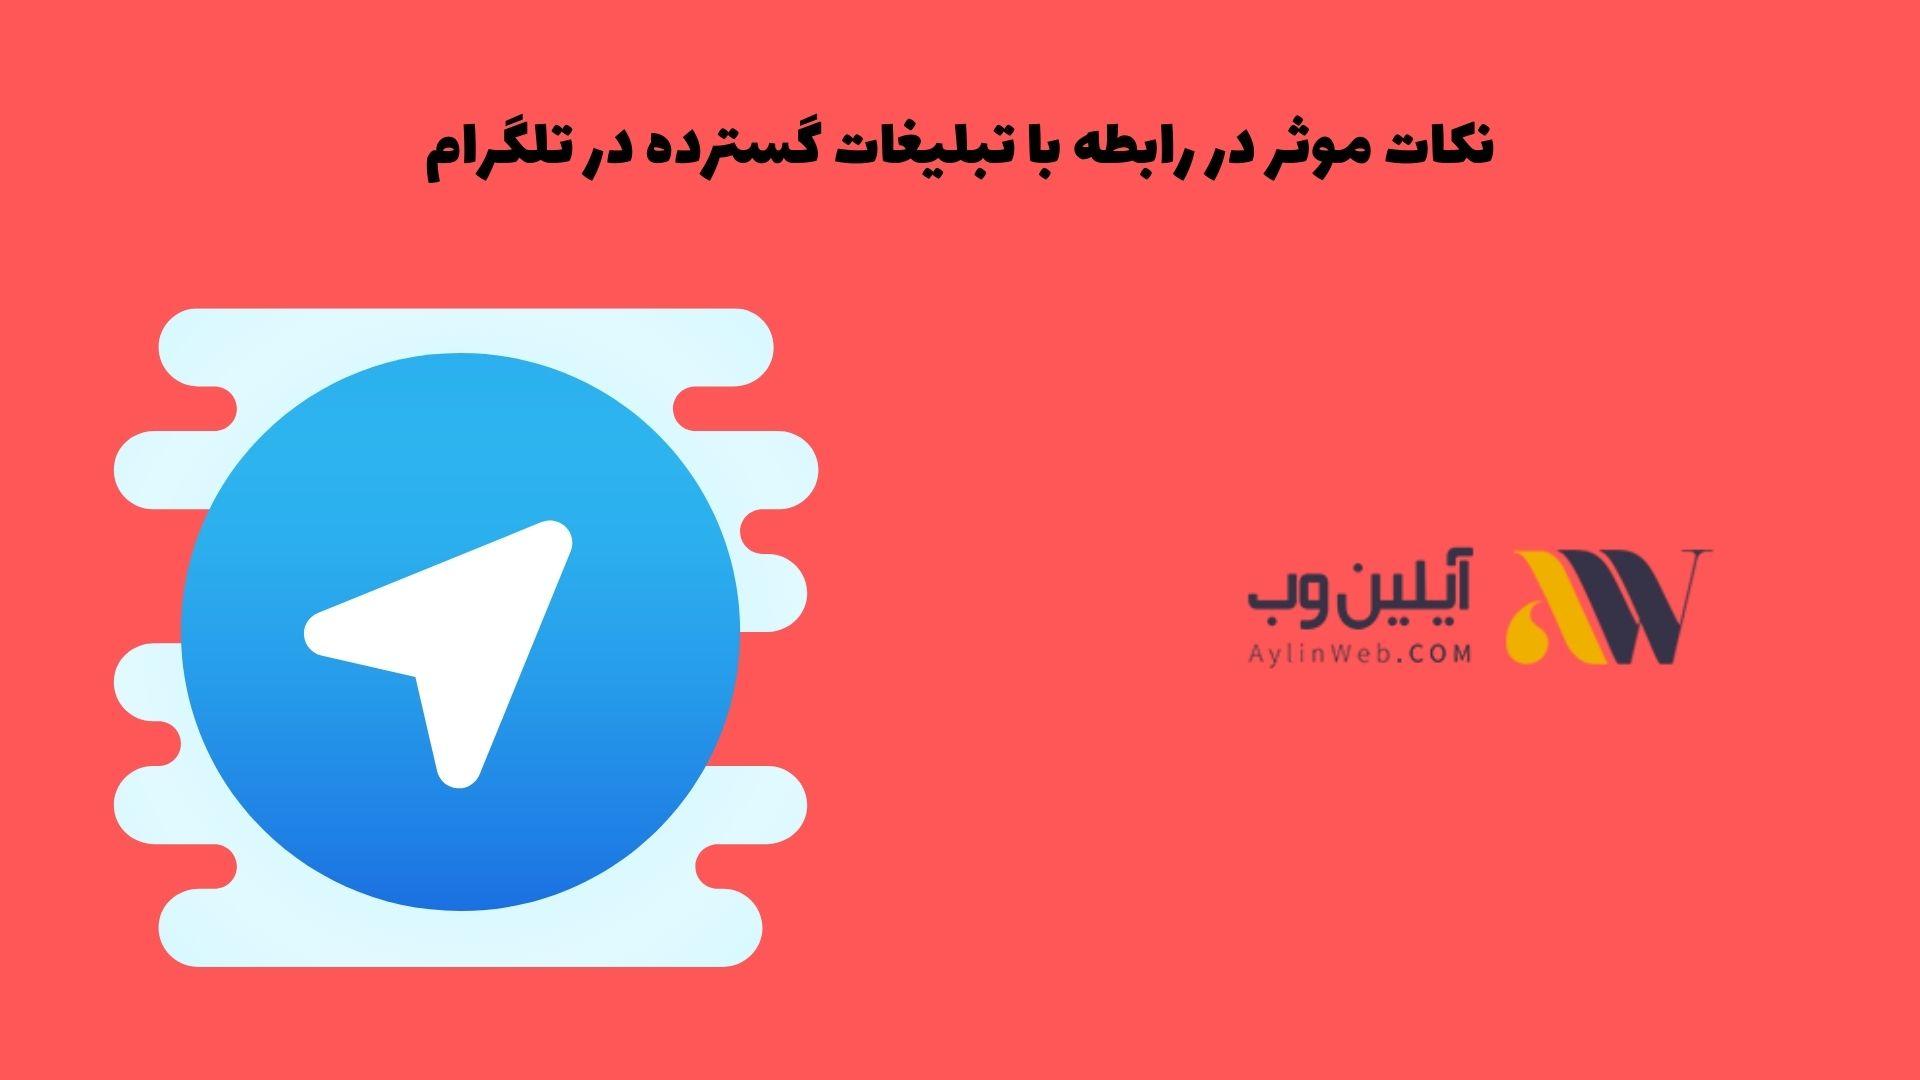 نکات موثر در رابطه با تبلیغات گسترده در تلگرام